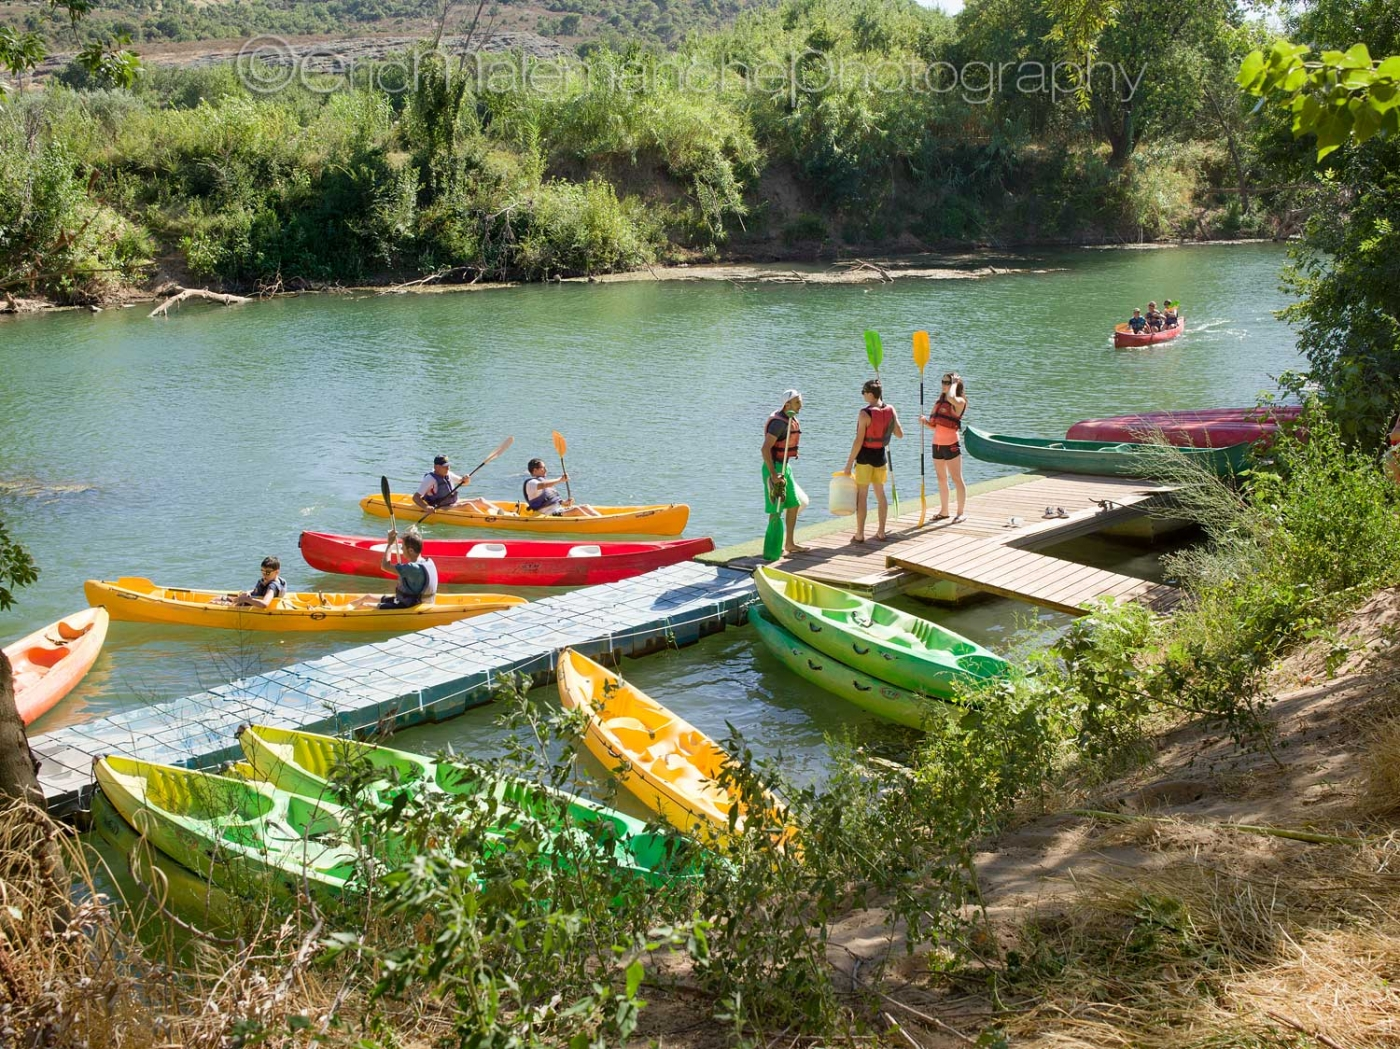 https://www.ericmalemanche.com/imagess/topics/les-conges/liste/vacances-riviere.jpg